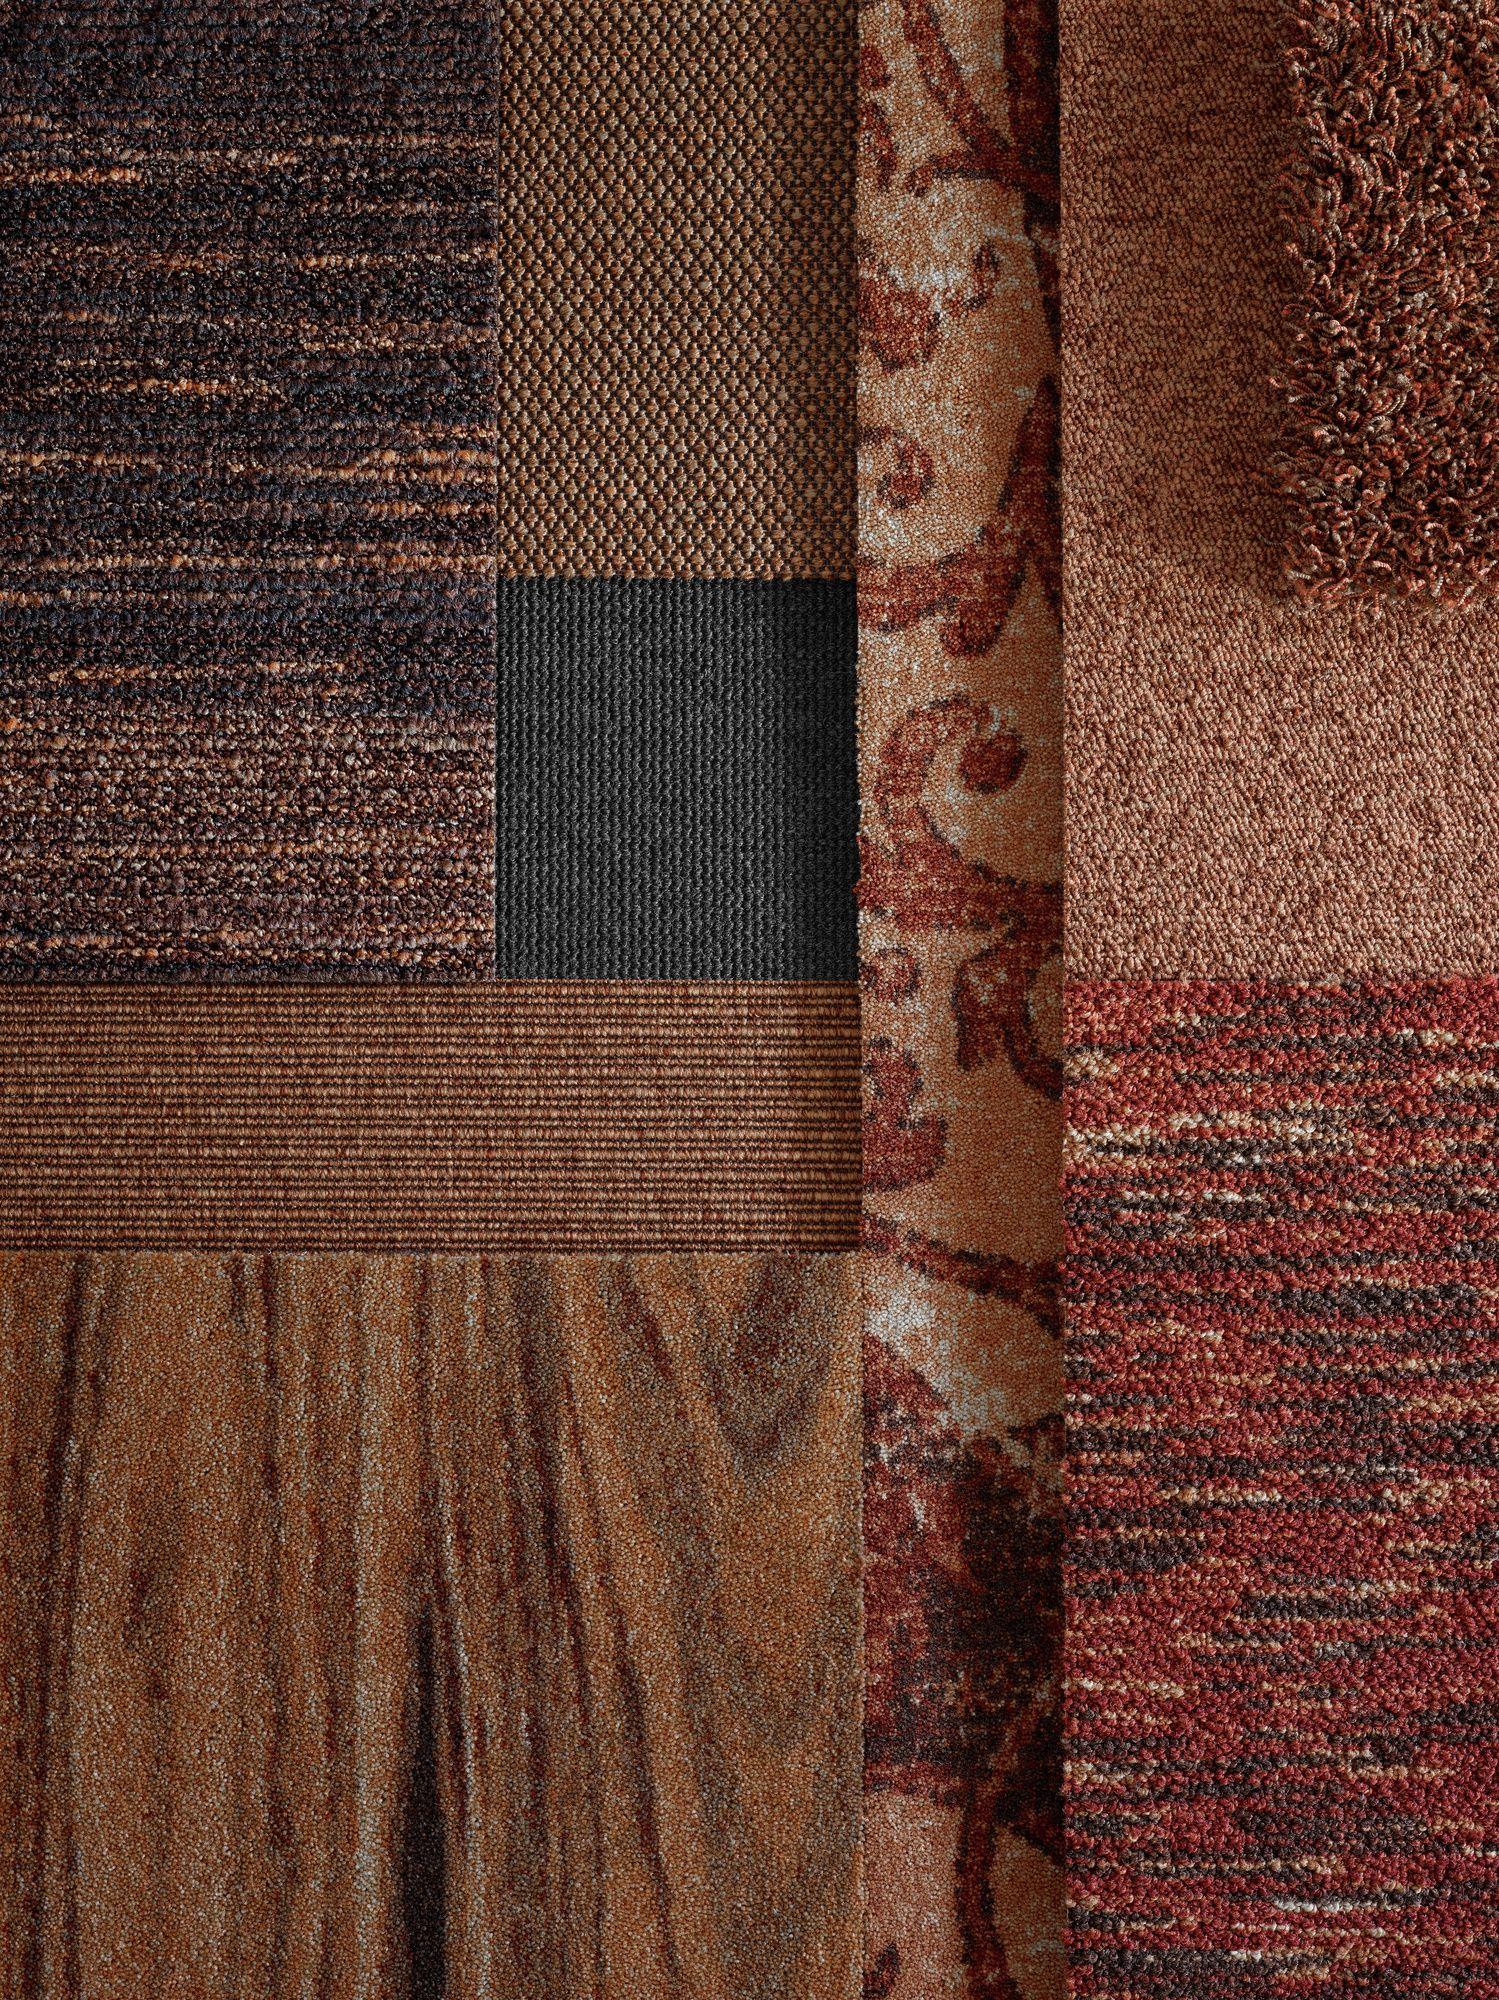 Mix Match Copper Carpet Tiles Carpet Tiles